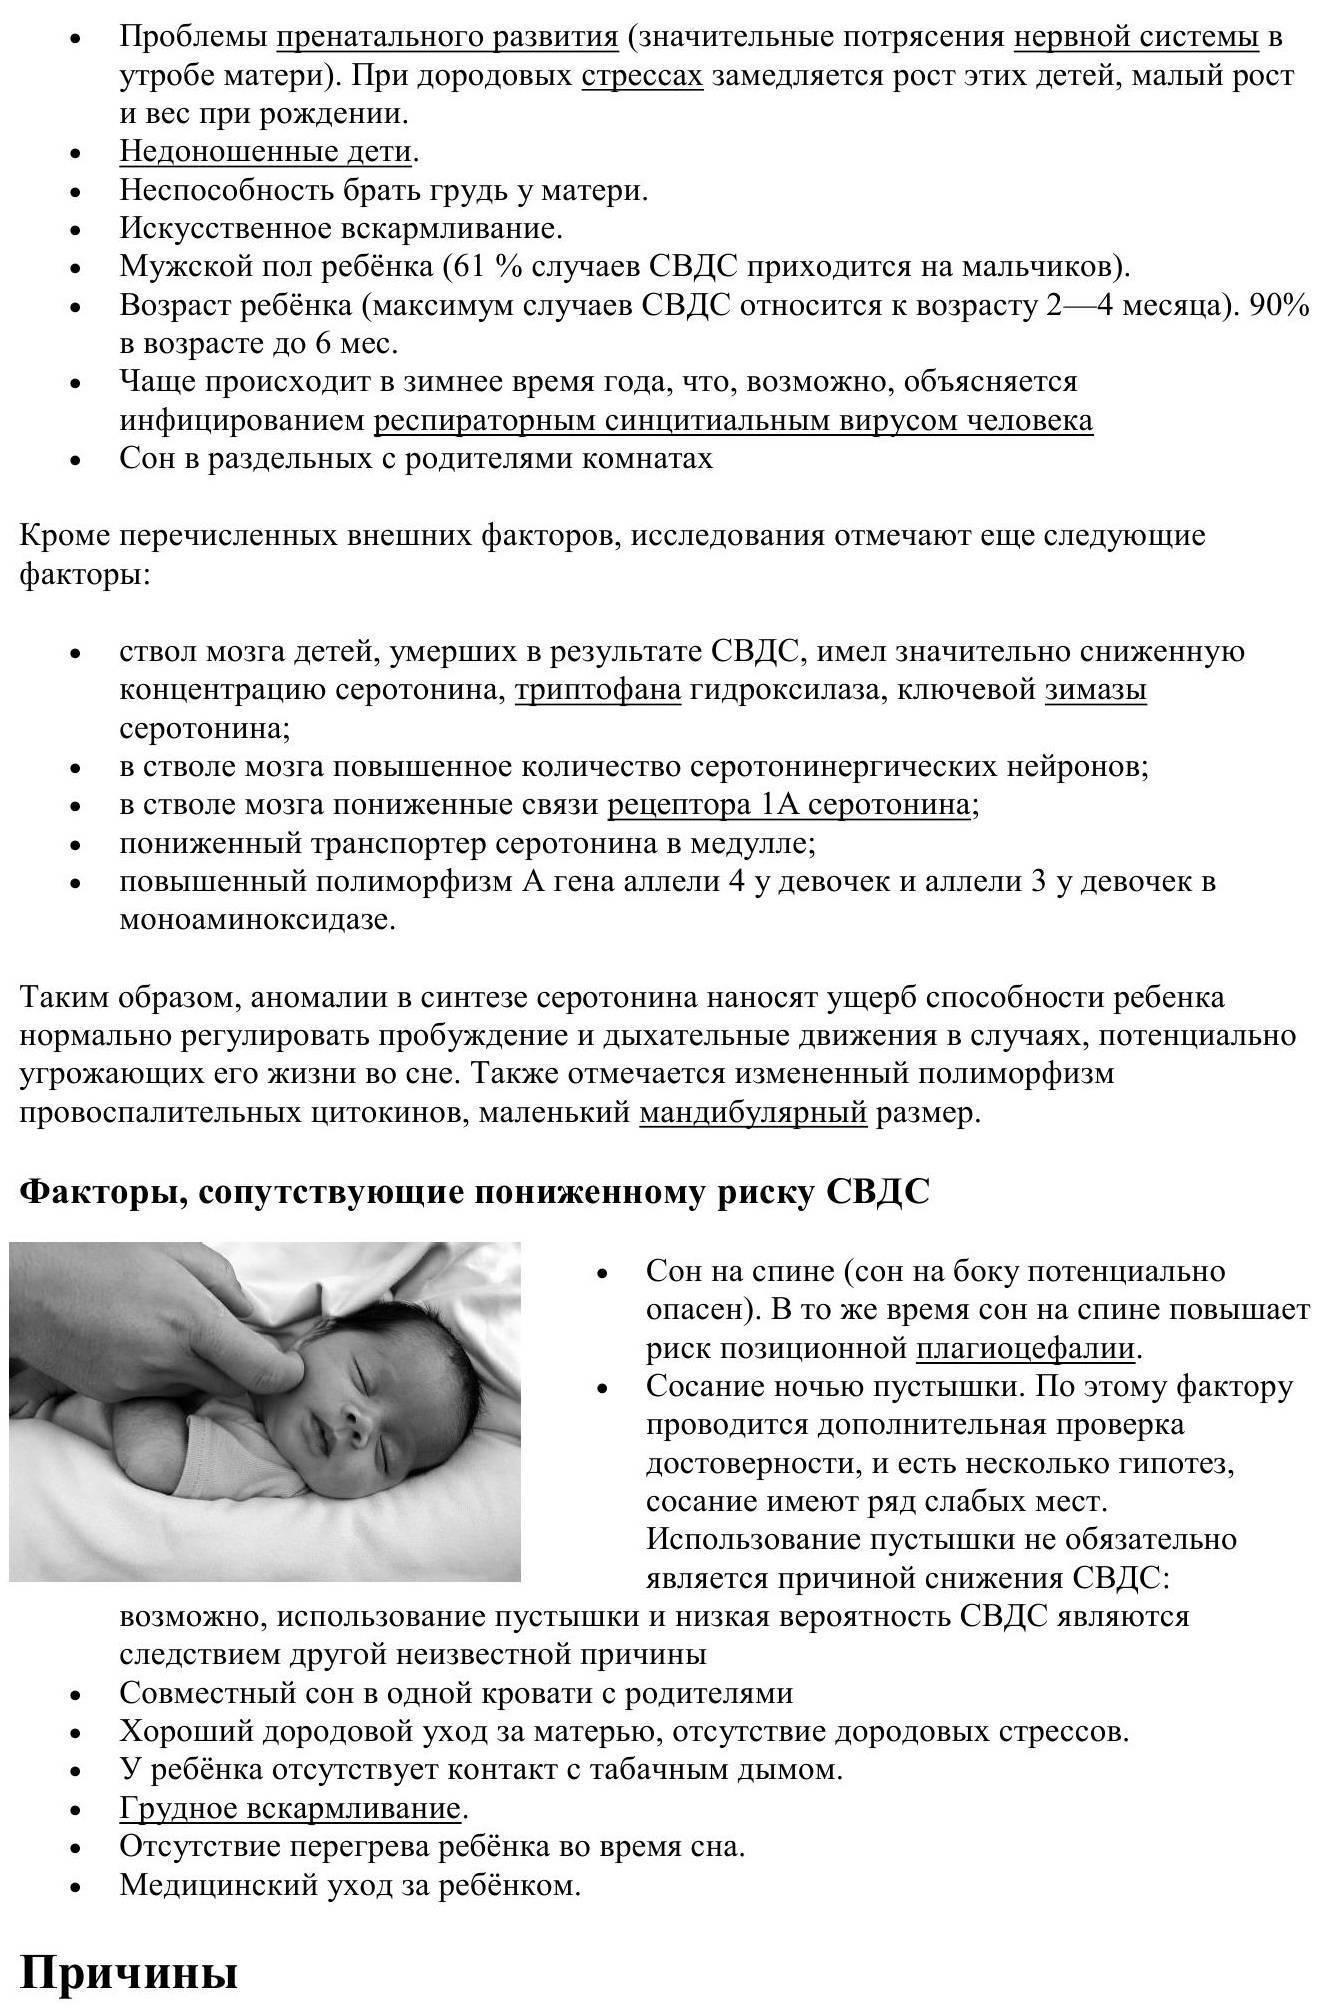 Синдром внезапной смерти у детей: статистика, причины, профилактика